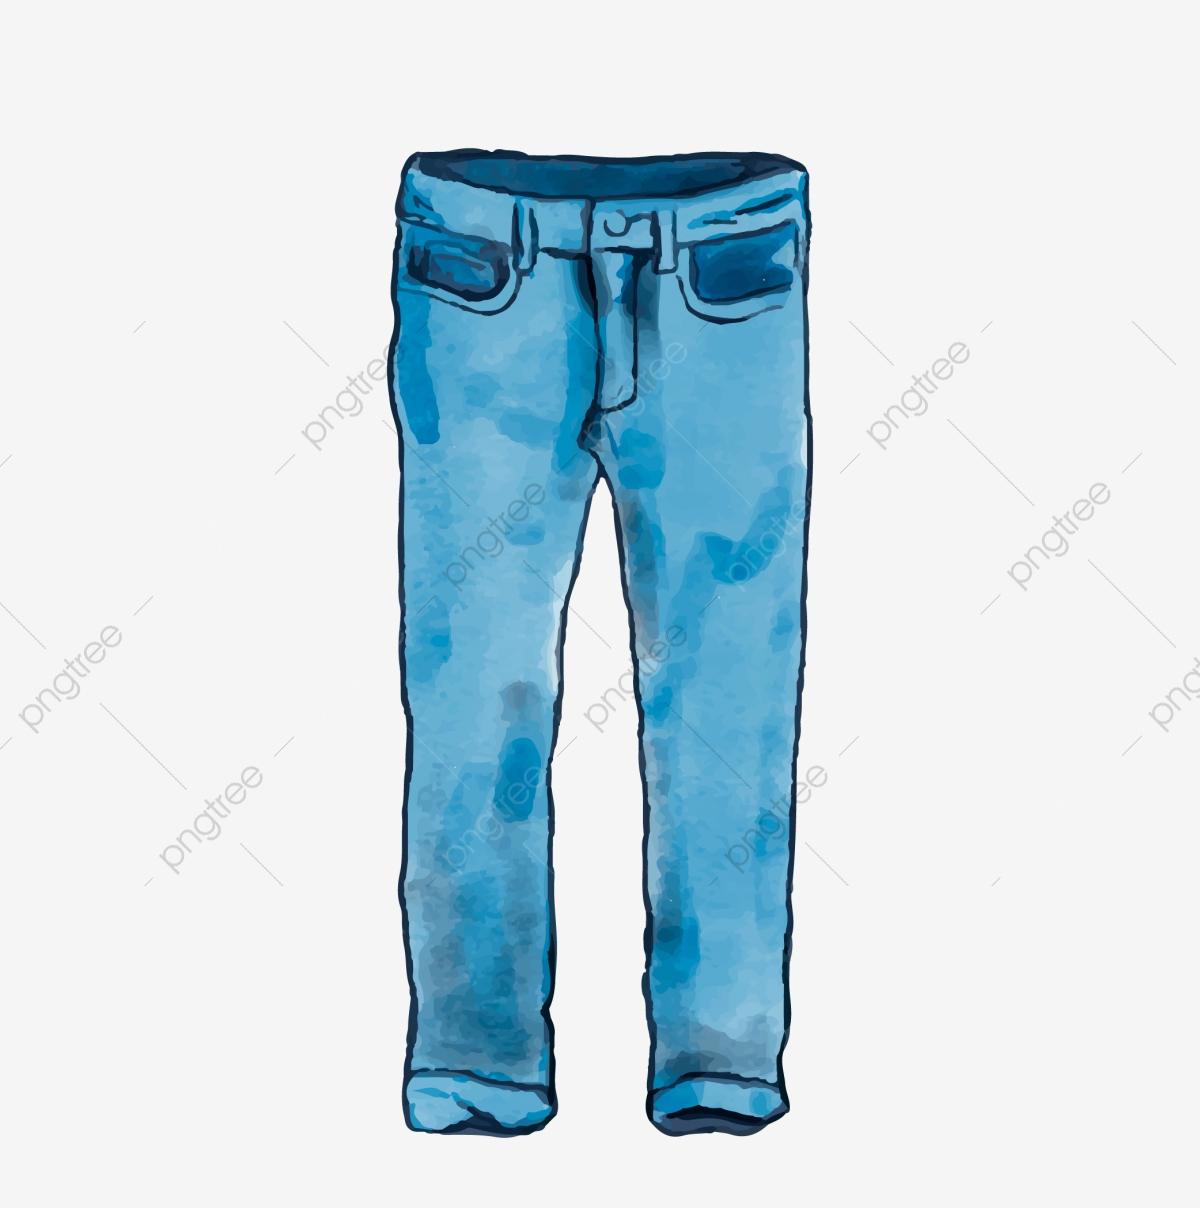 Jeans clipart cowboy, Jeans cowboy Transparent FREE for.